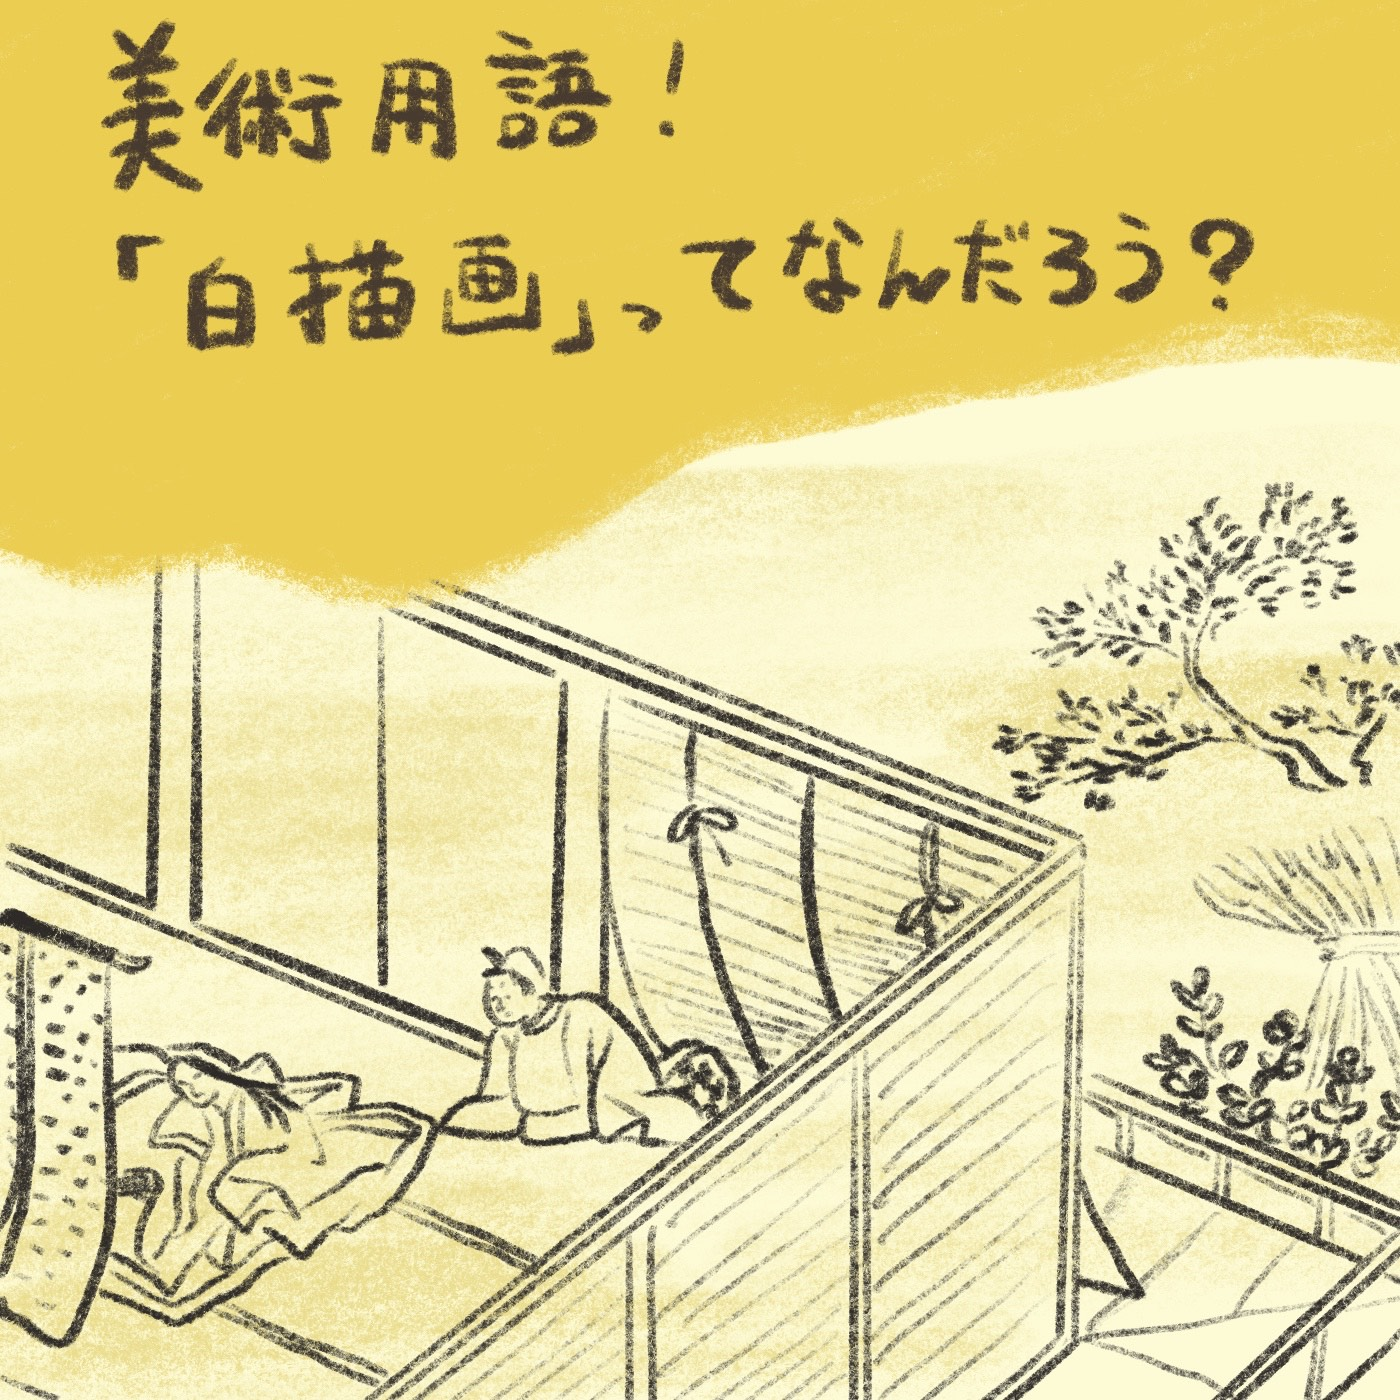 白描画 OBIKAKE ナニソレ 日本画 日本美術